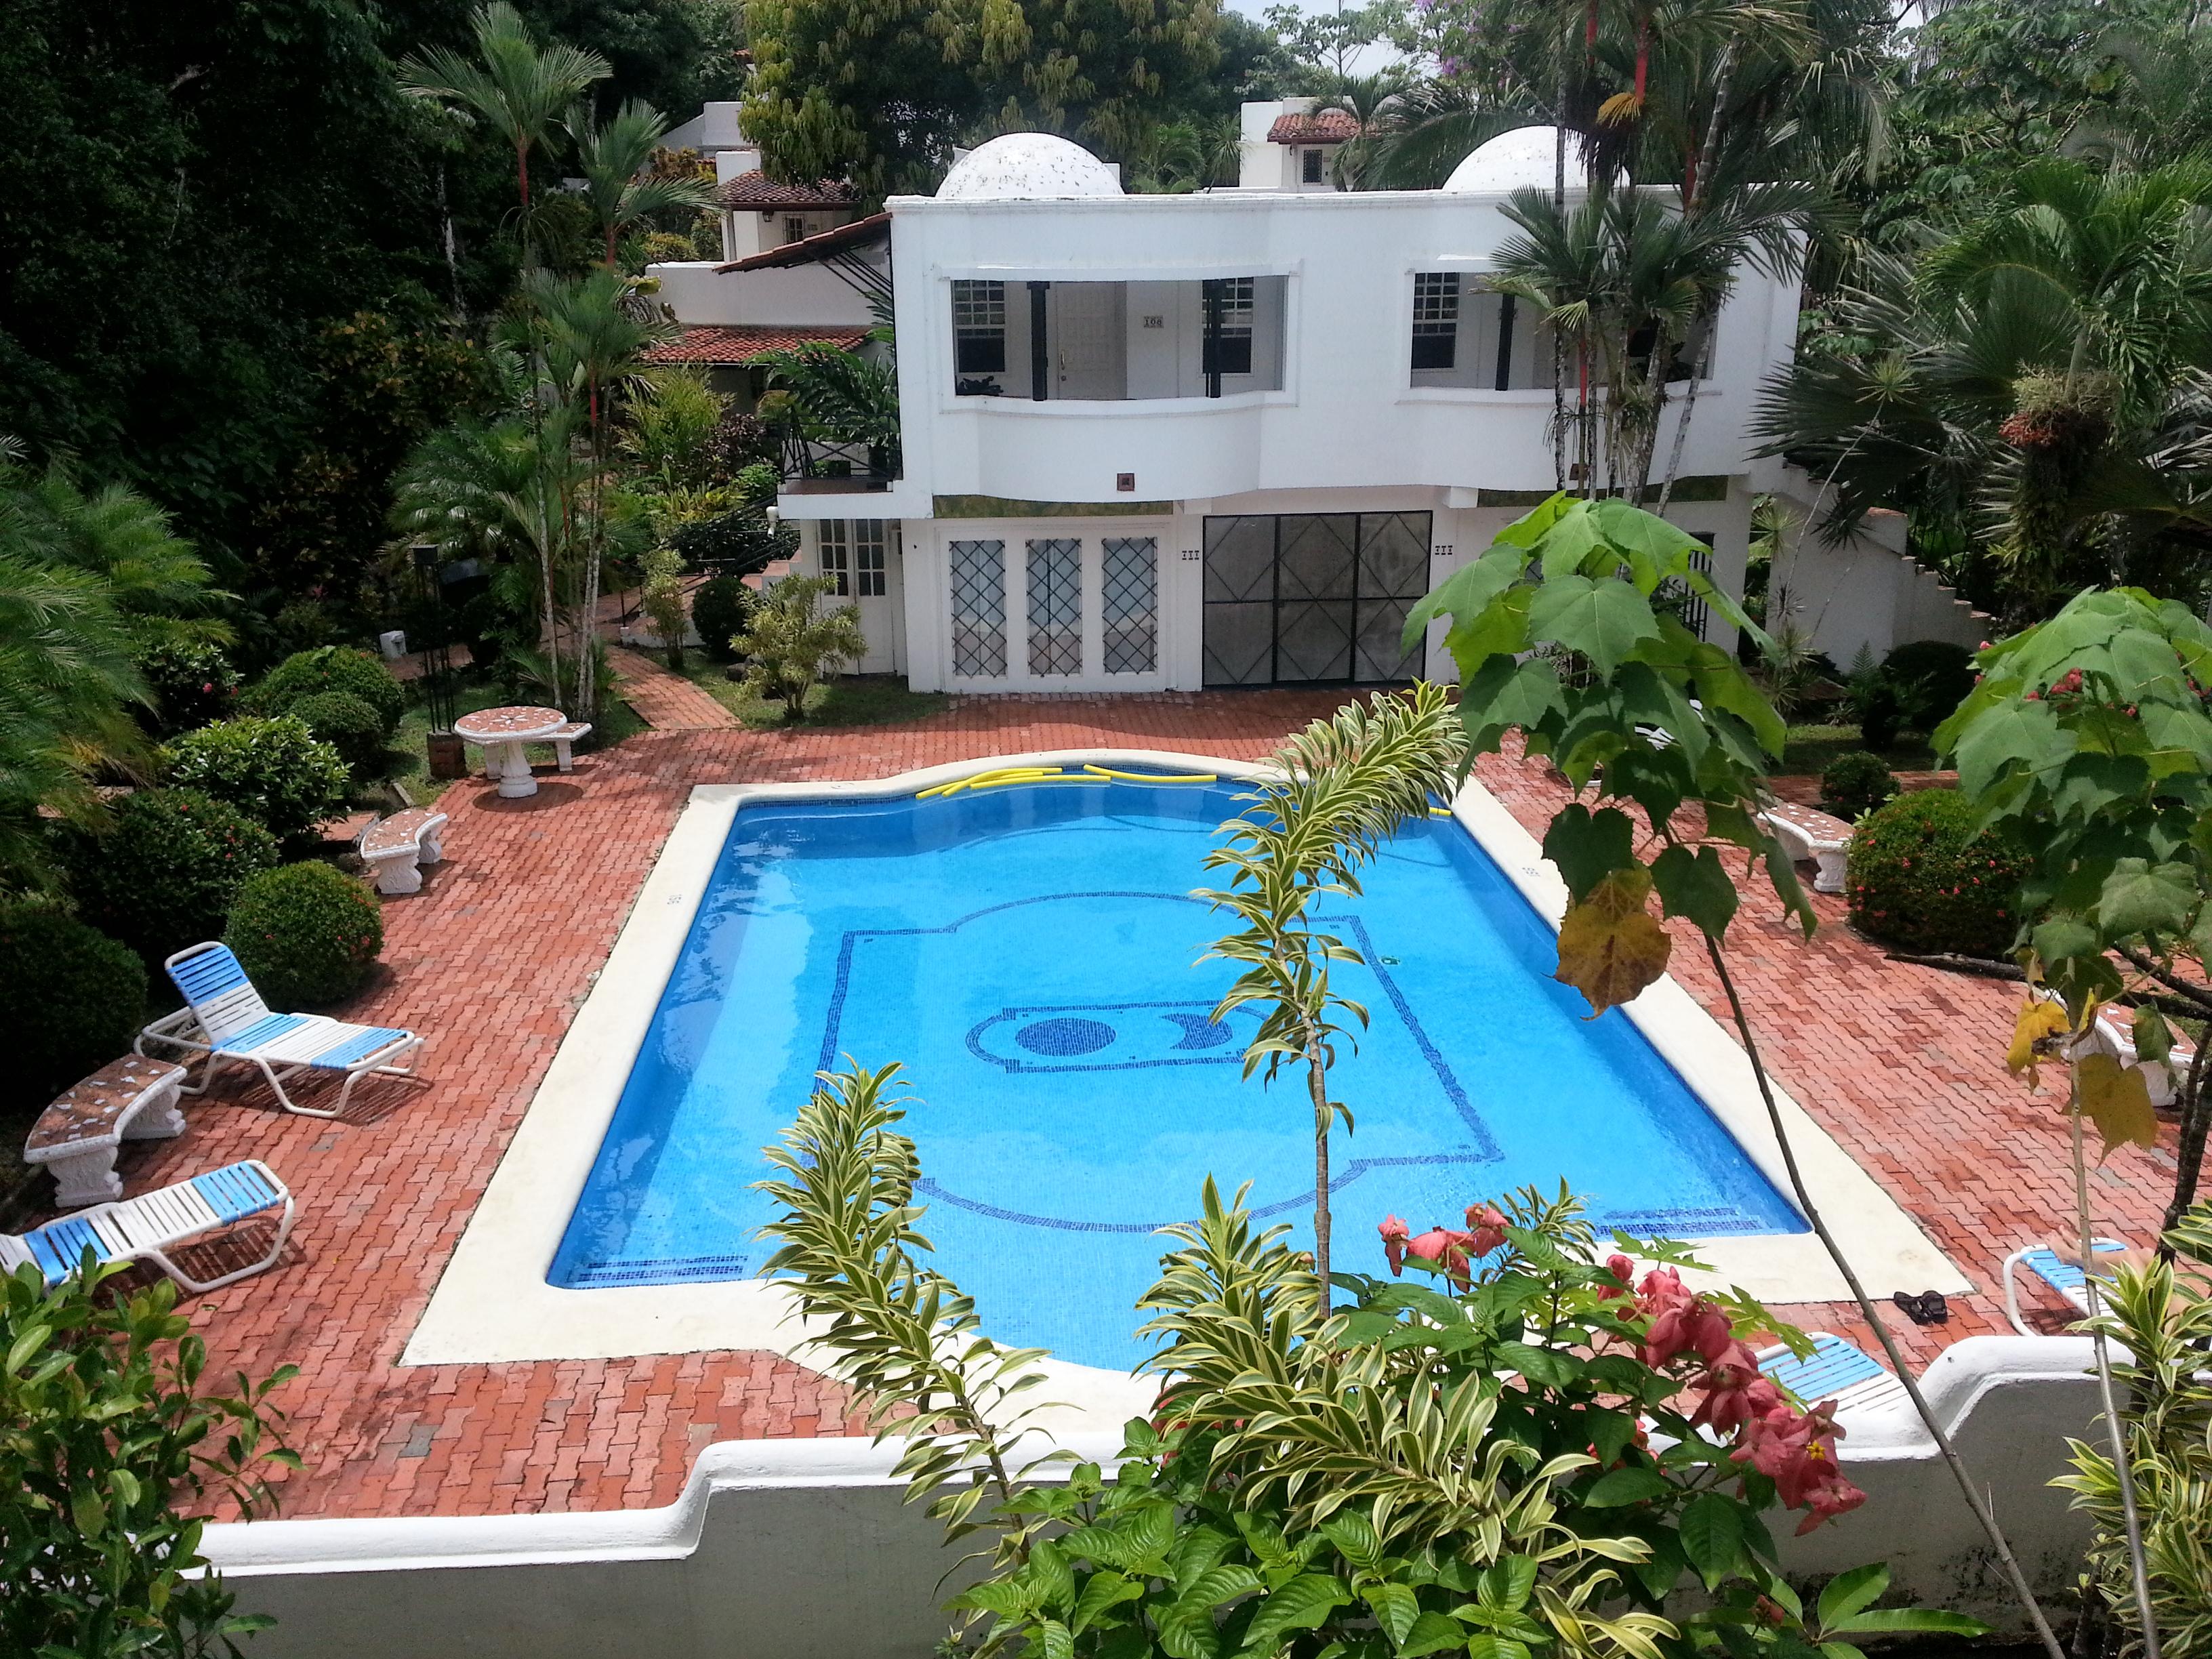 Costa Rica Boutique Hotel In Manuel Antonio- 35 rooms including 10 private villas